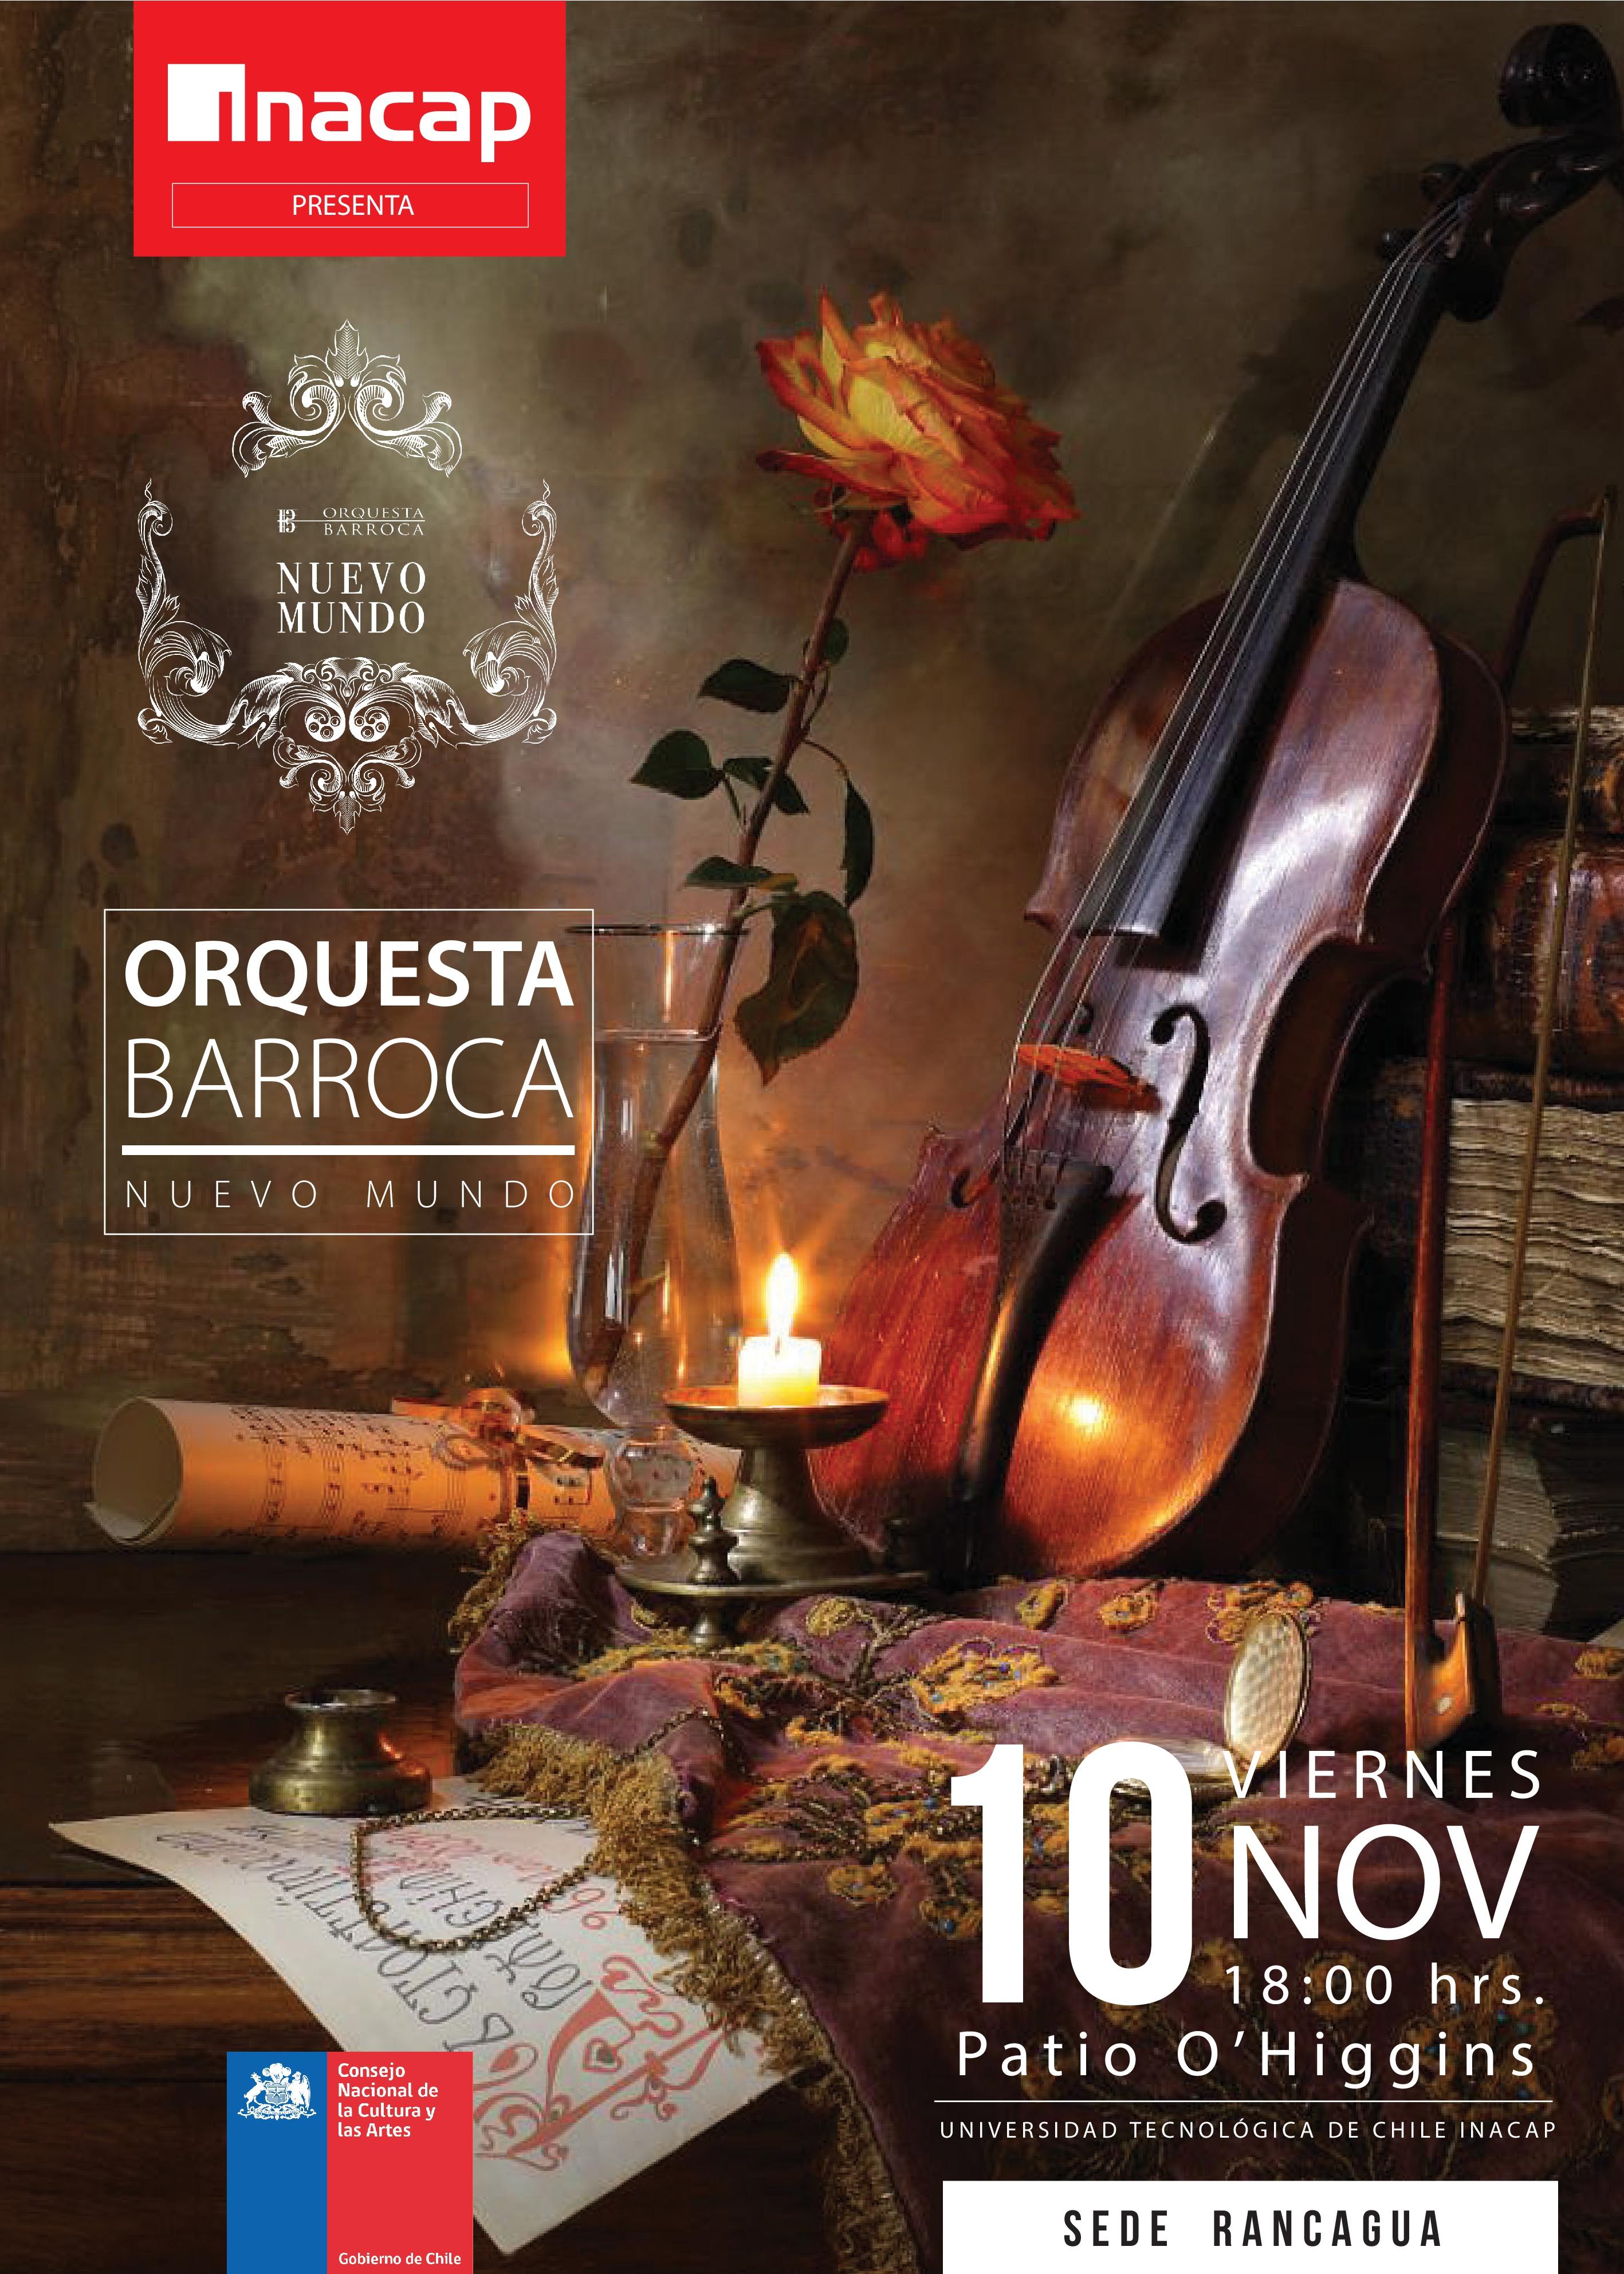 AFICHE ORQUESTA BARROCA 50X70-001